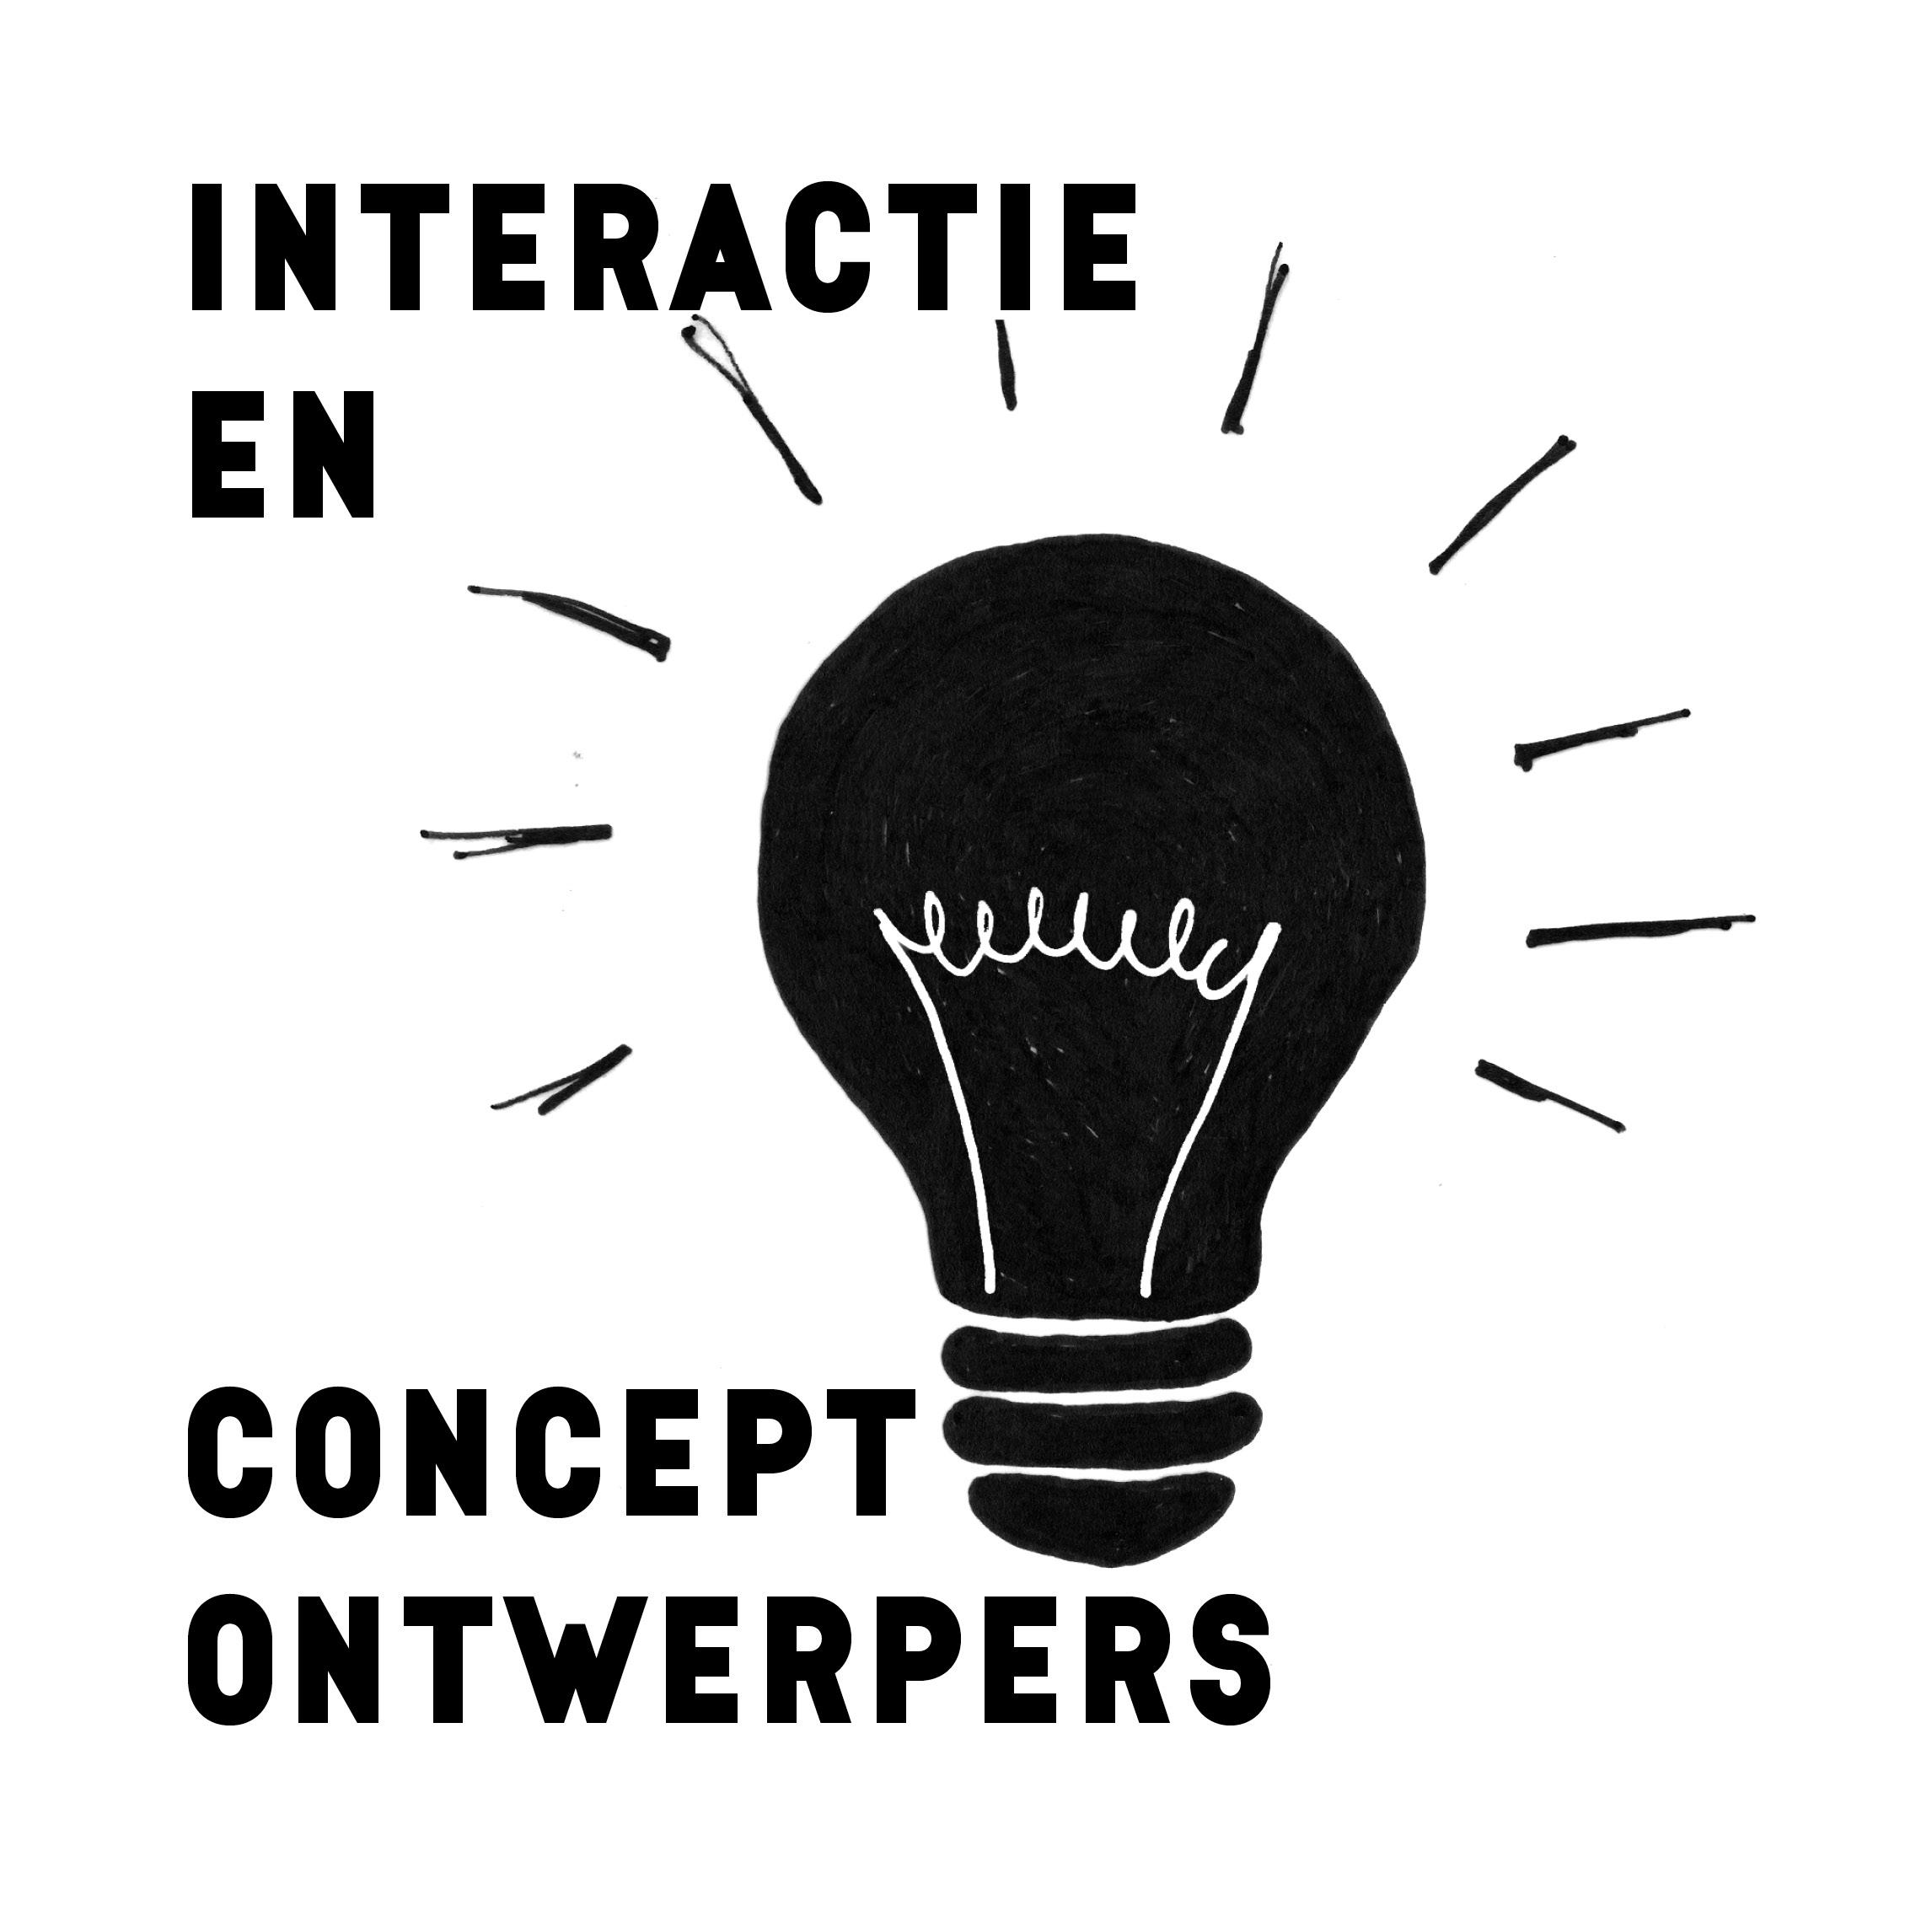 Interactie en productdesigners